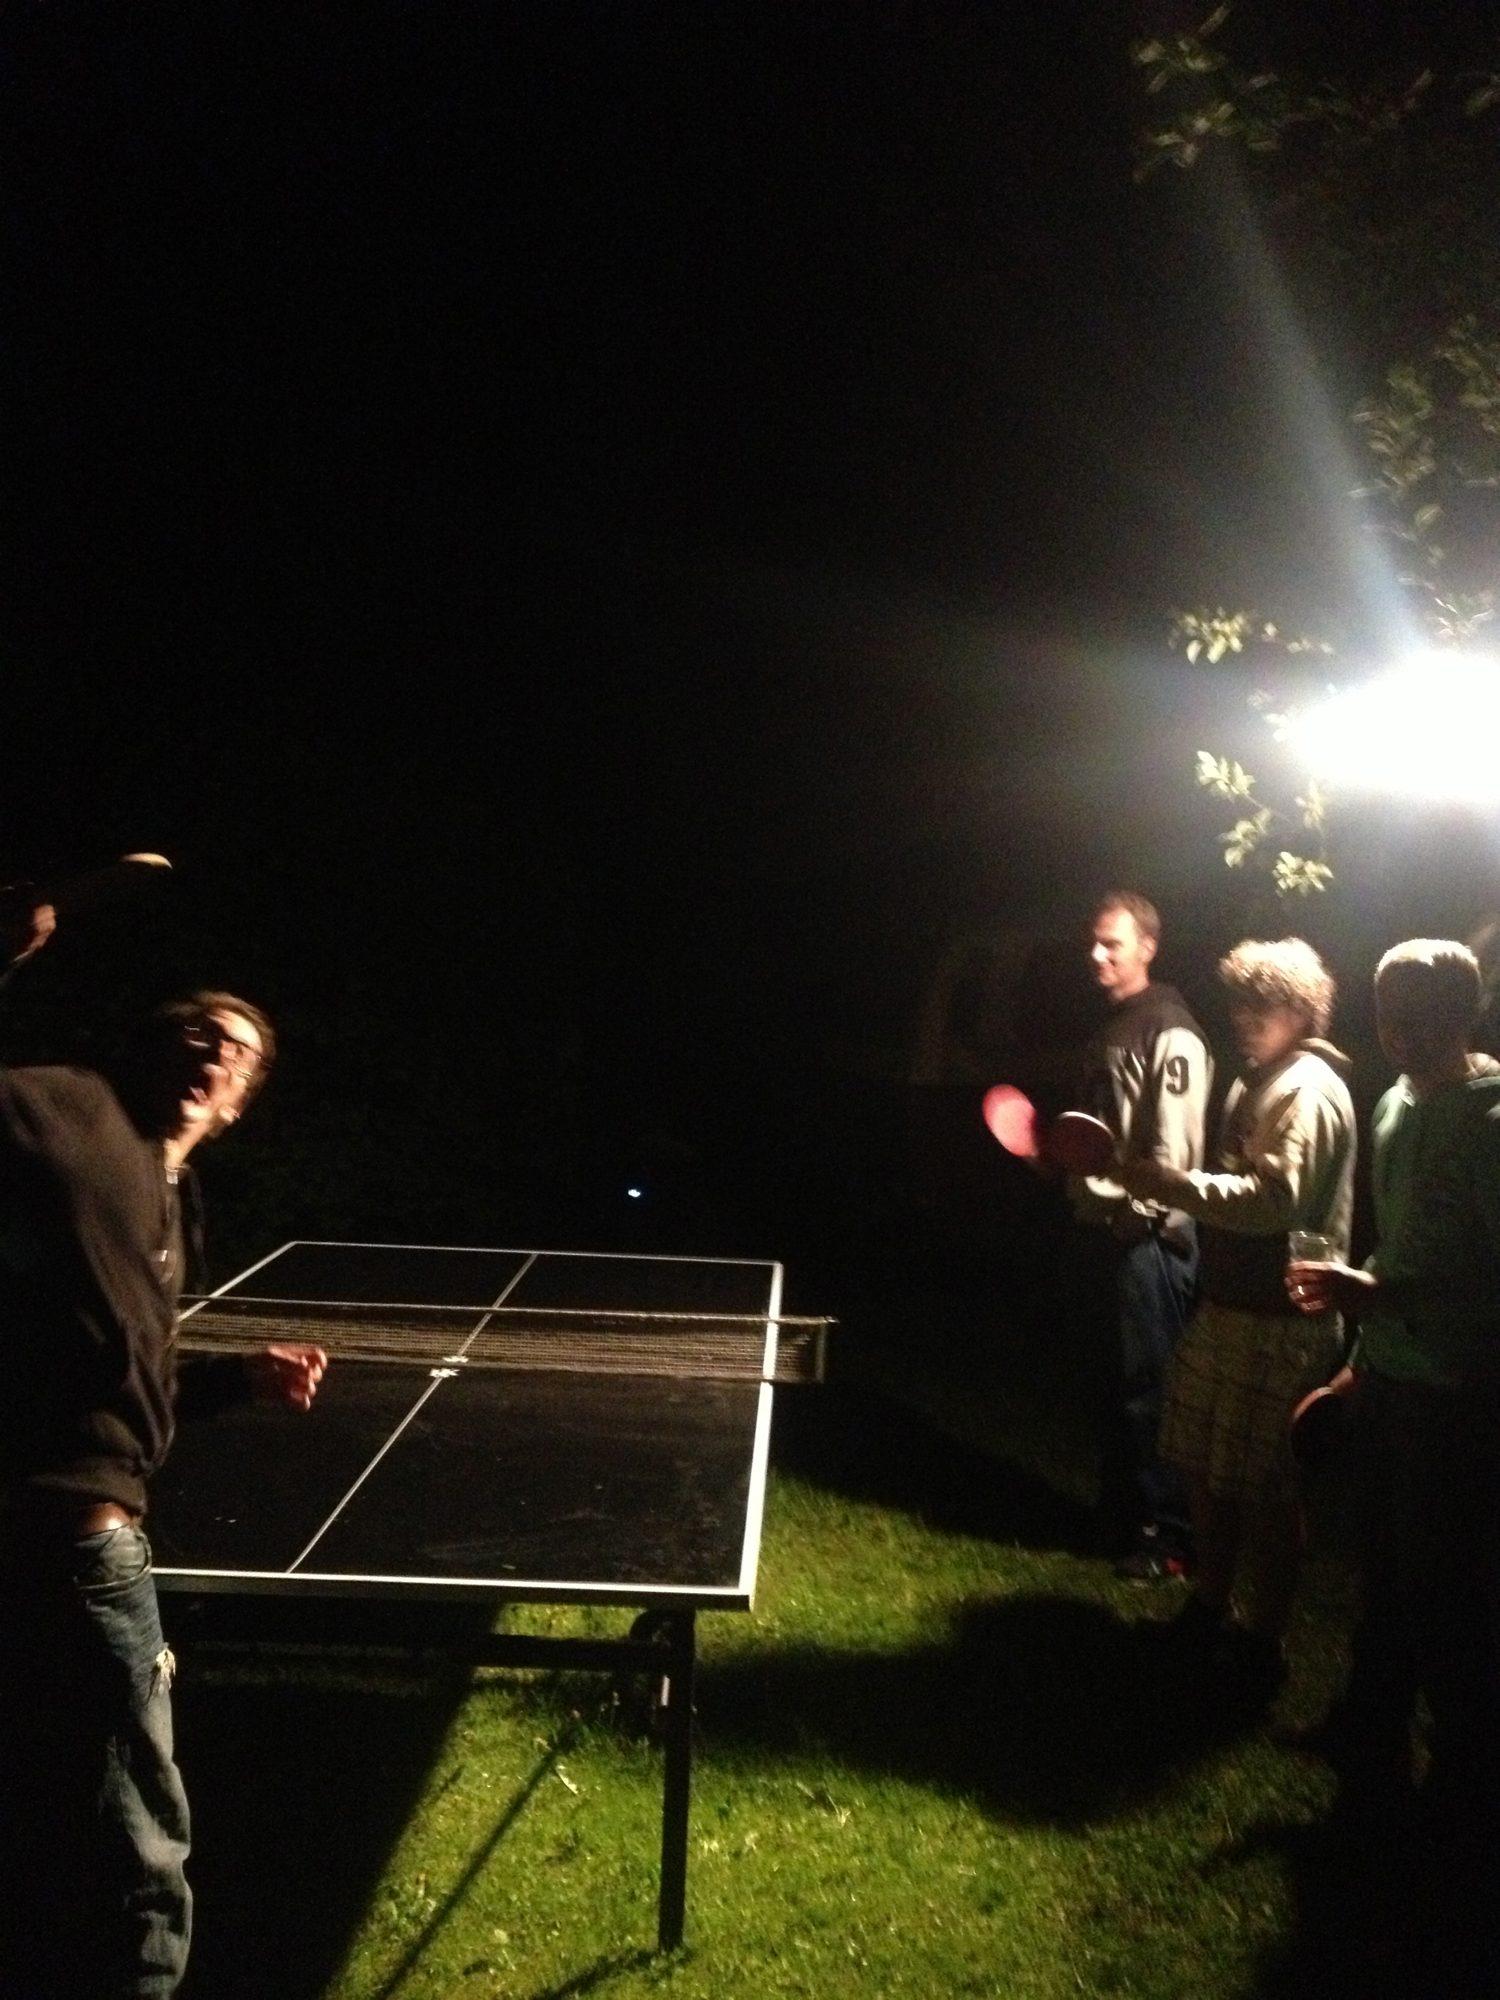 Morgens um 3 Uhr in München - Tischtennis